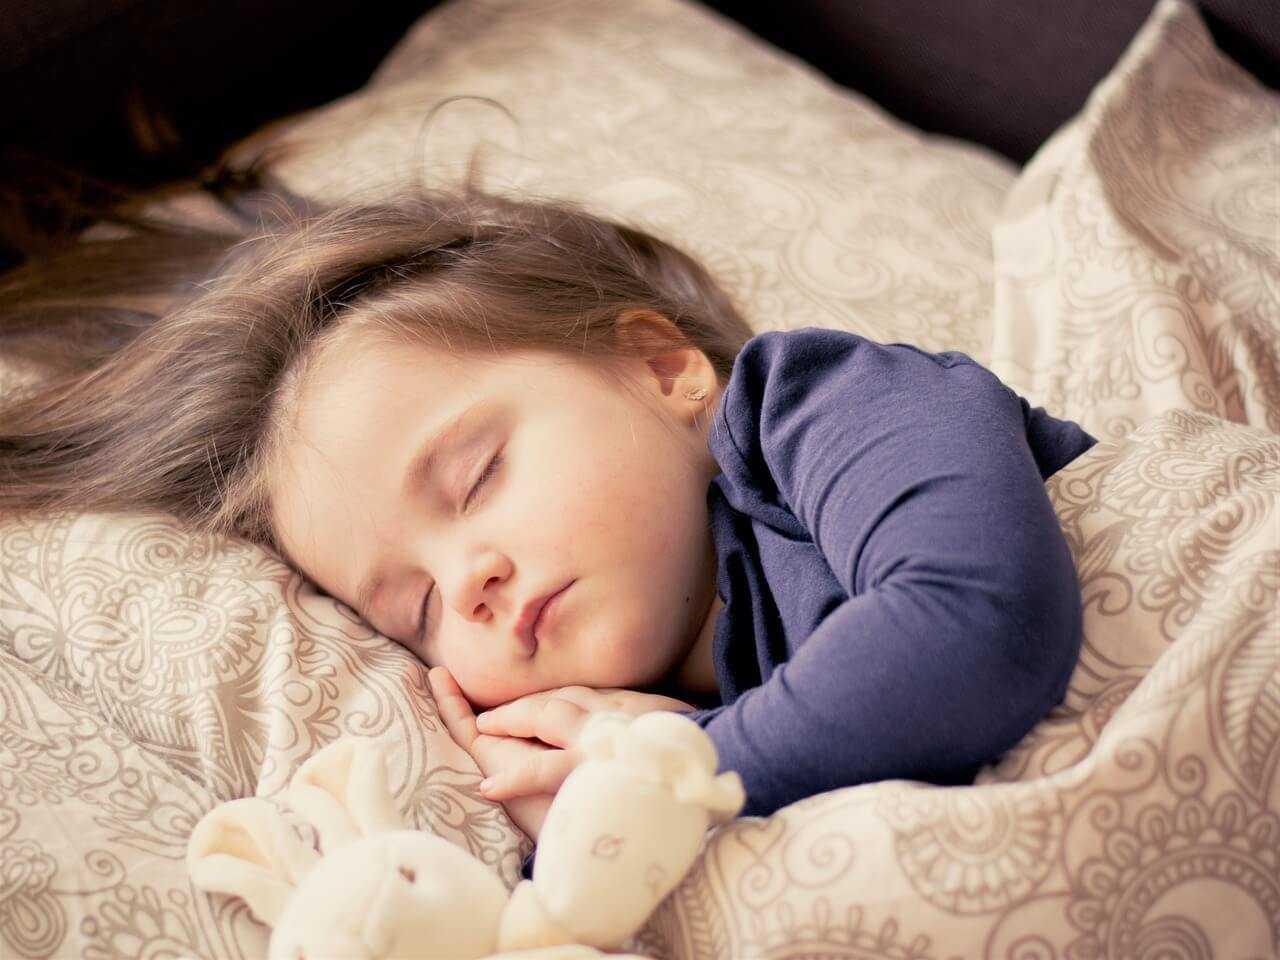 הילד לא ישן בלילה